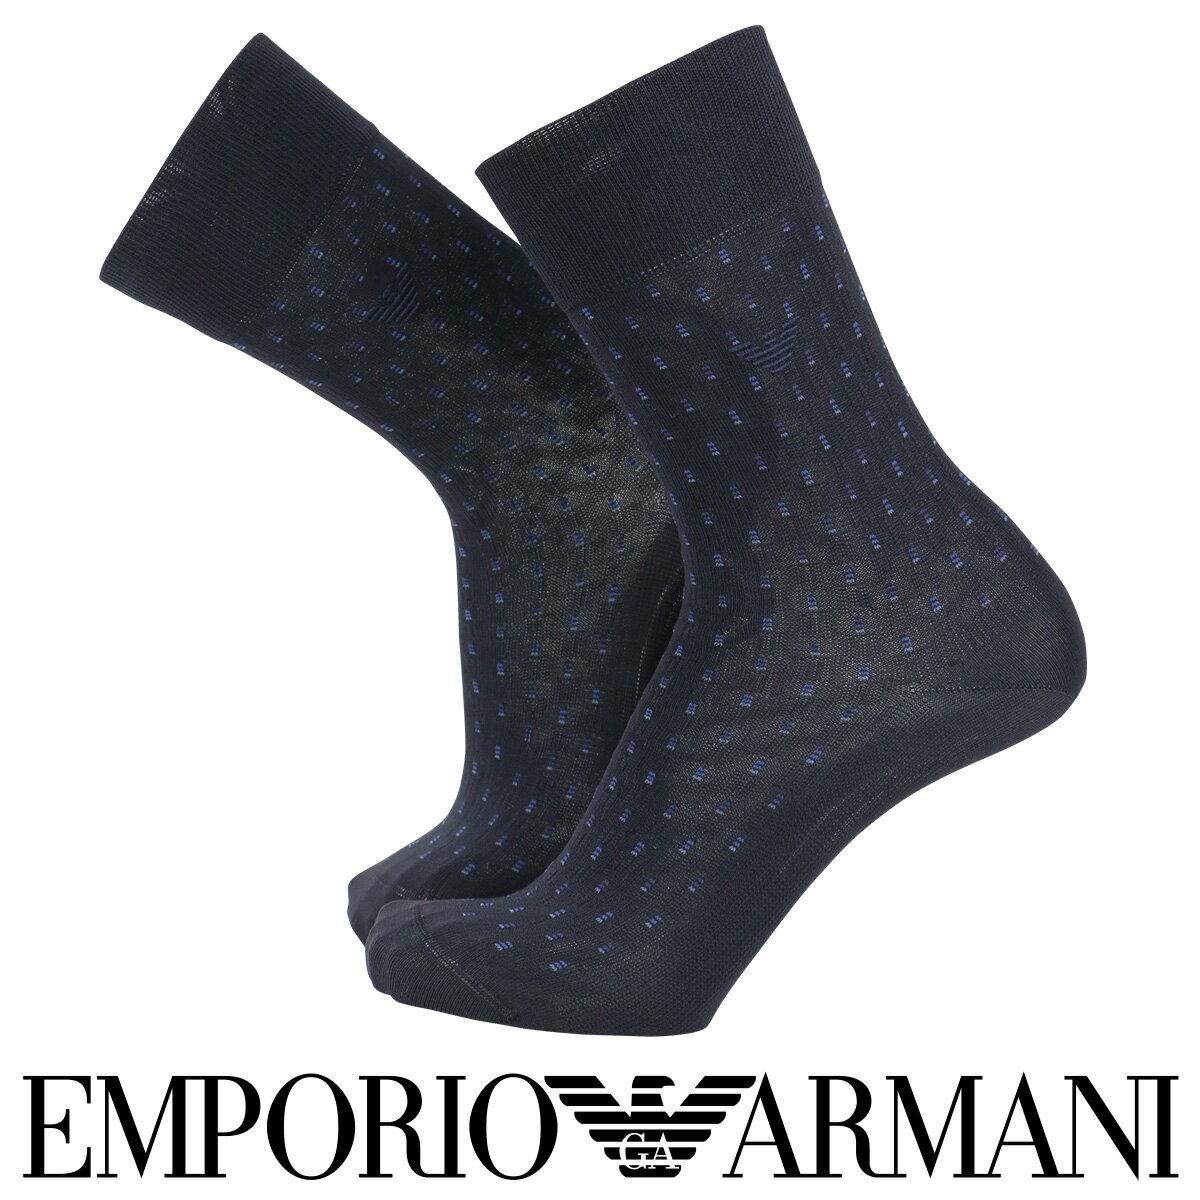 EMPORIO ARMANI ( エンポリオ アルマーニ )綿混 メンズ ビジネス ソックス 靴下 ロゴ刺繍 ドット柄 クルー丈 ソックス男性 メンズ プレゼント 贈答 ギフト2312-386ポイント10倍